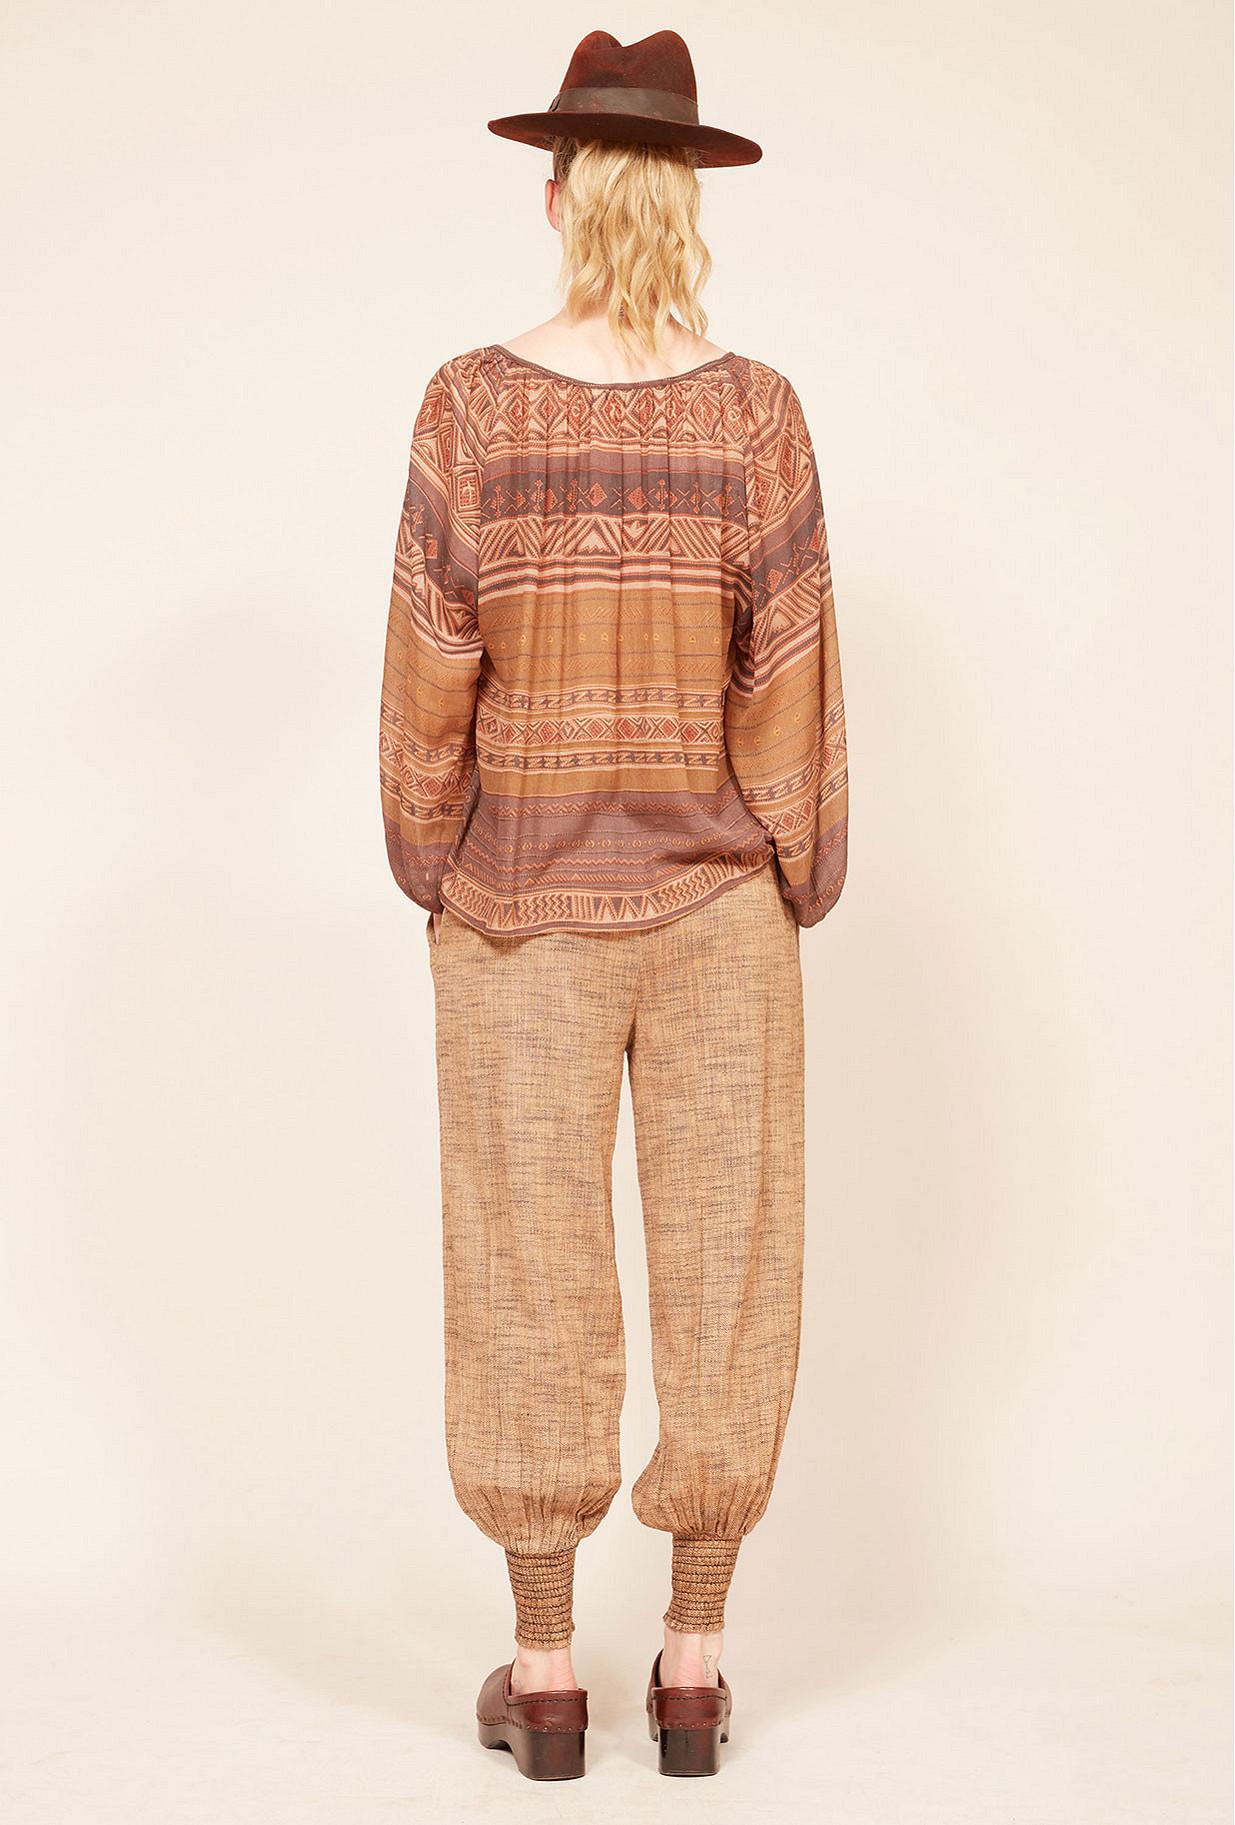 Parma print  Blouse  Cecilia Mes demoiselles fashion clothes designer Paris